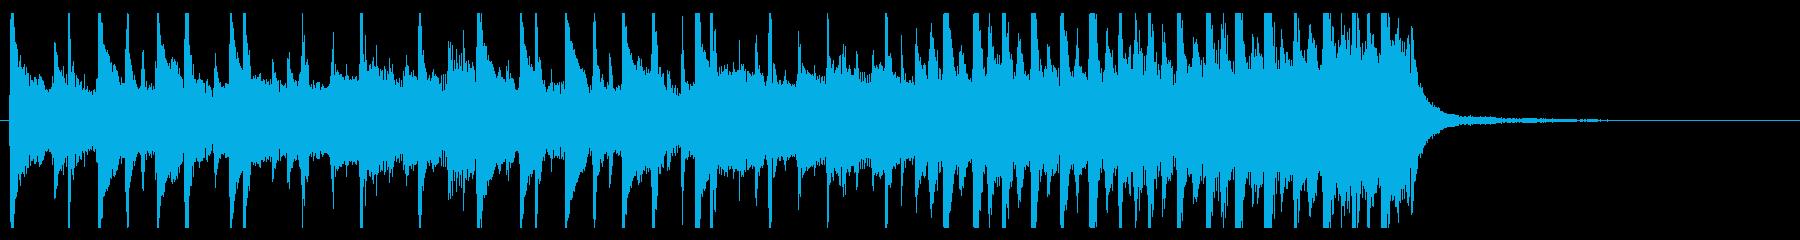 わくわくジングル スピードアップする展開の再生済みの波形